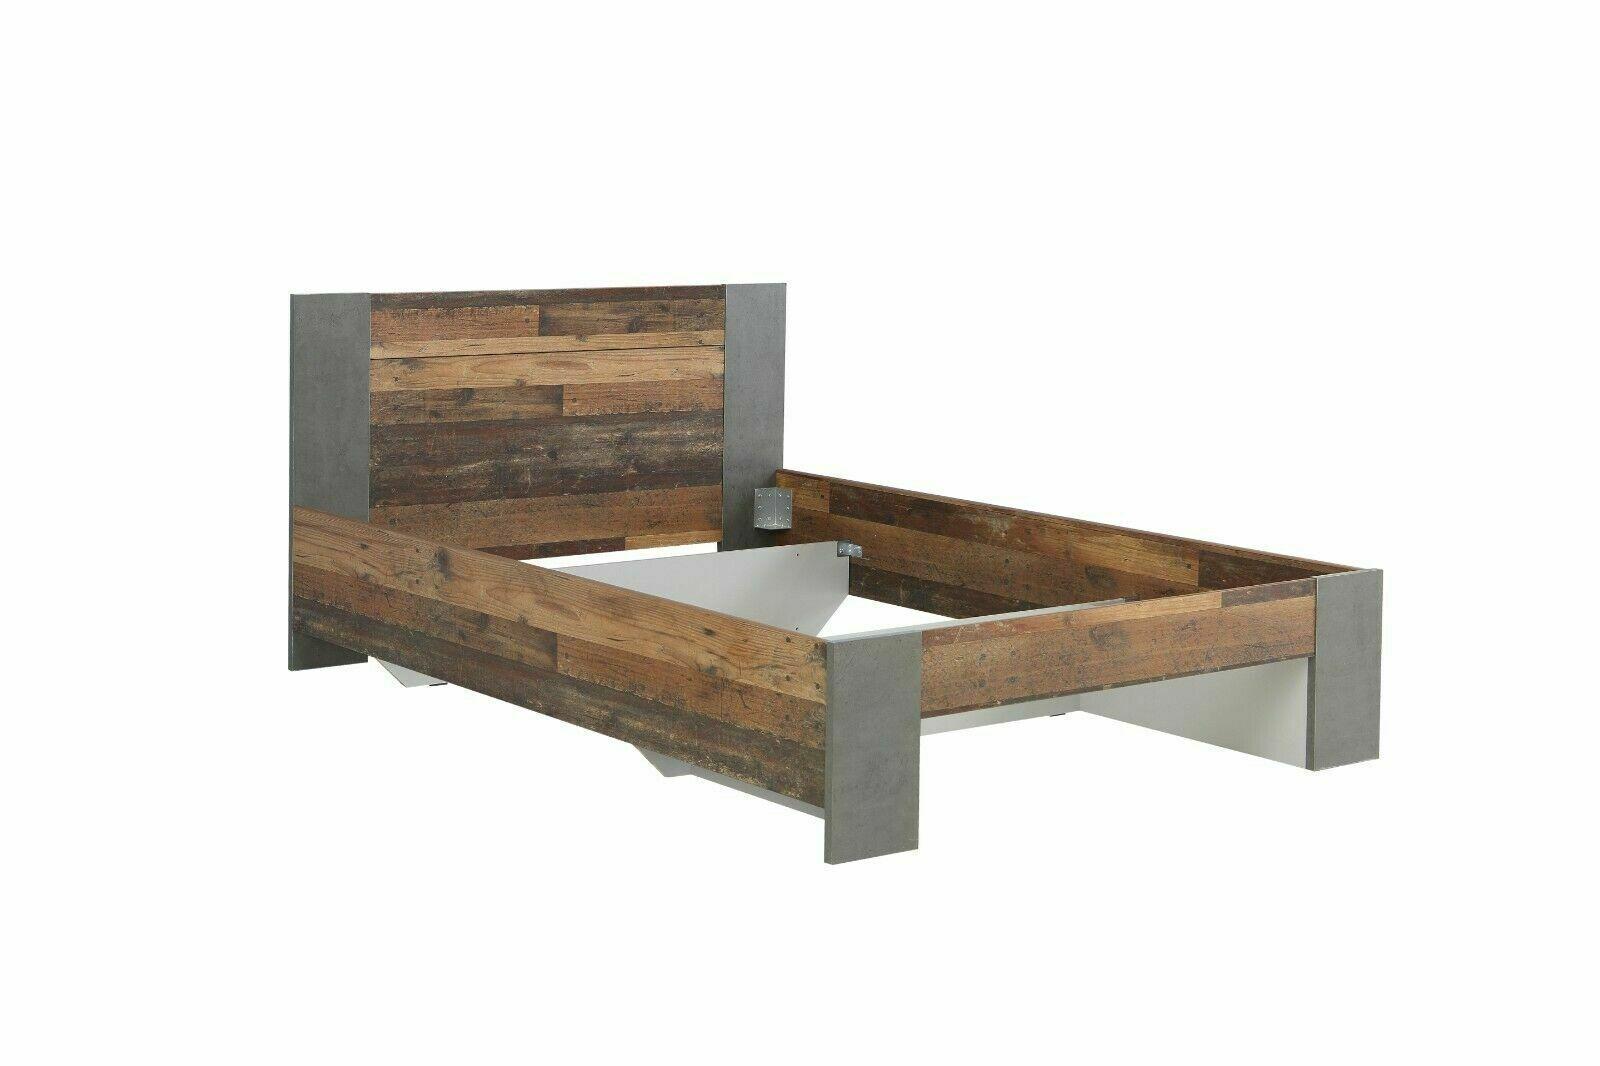 Full Size of Pappbett Ikea Betten Mehr Als 10000 Angebote Miniküche Küche Kosten Kaufen Sofa Mit Schlaffunktion 160x200 Modulküche Bei Wohnzimmer Pappbett Ikea